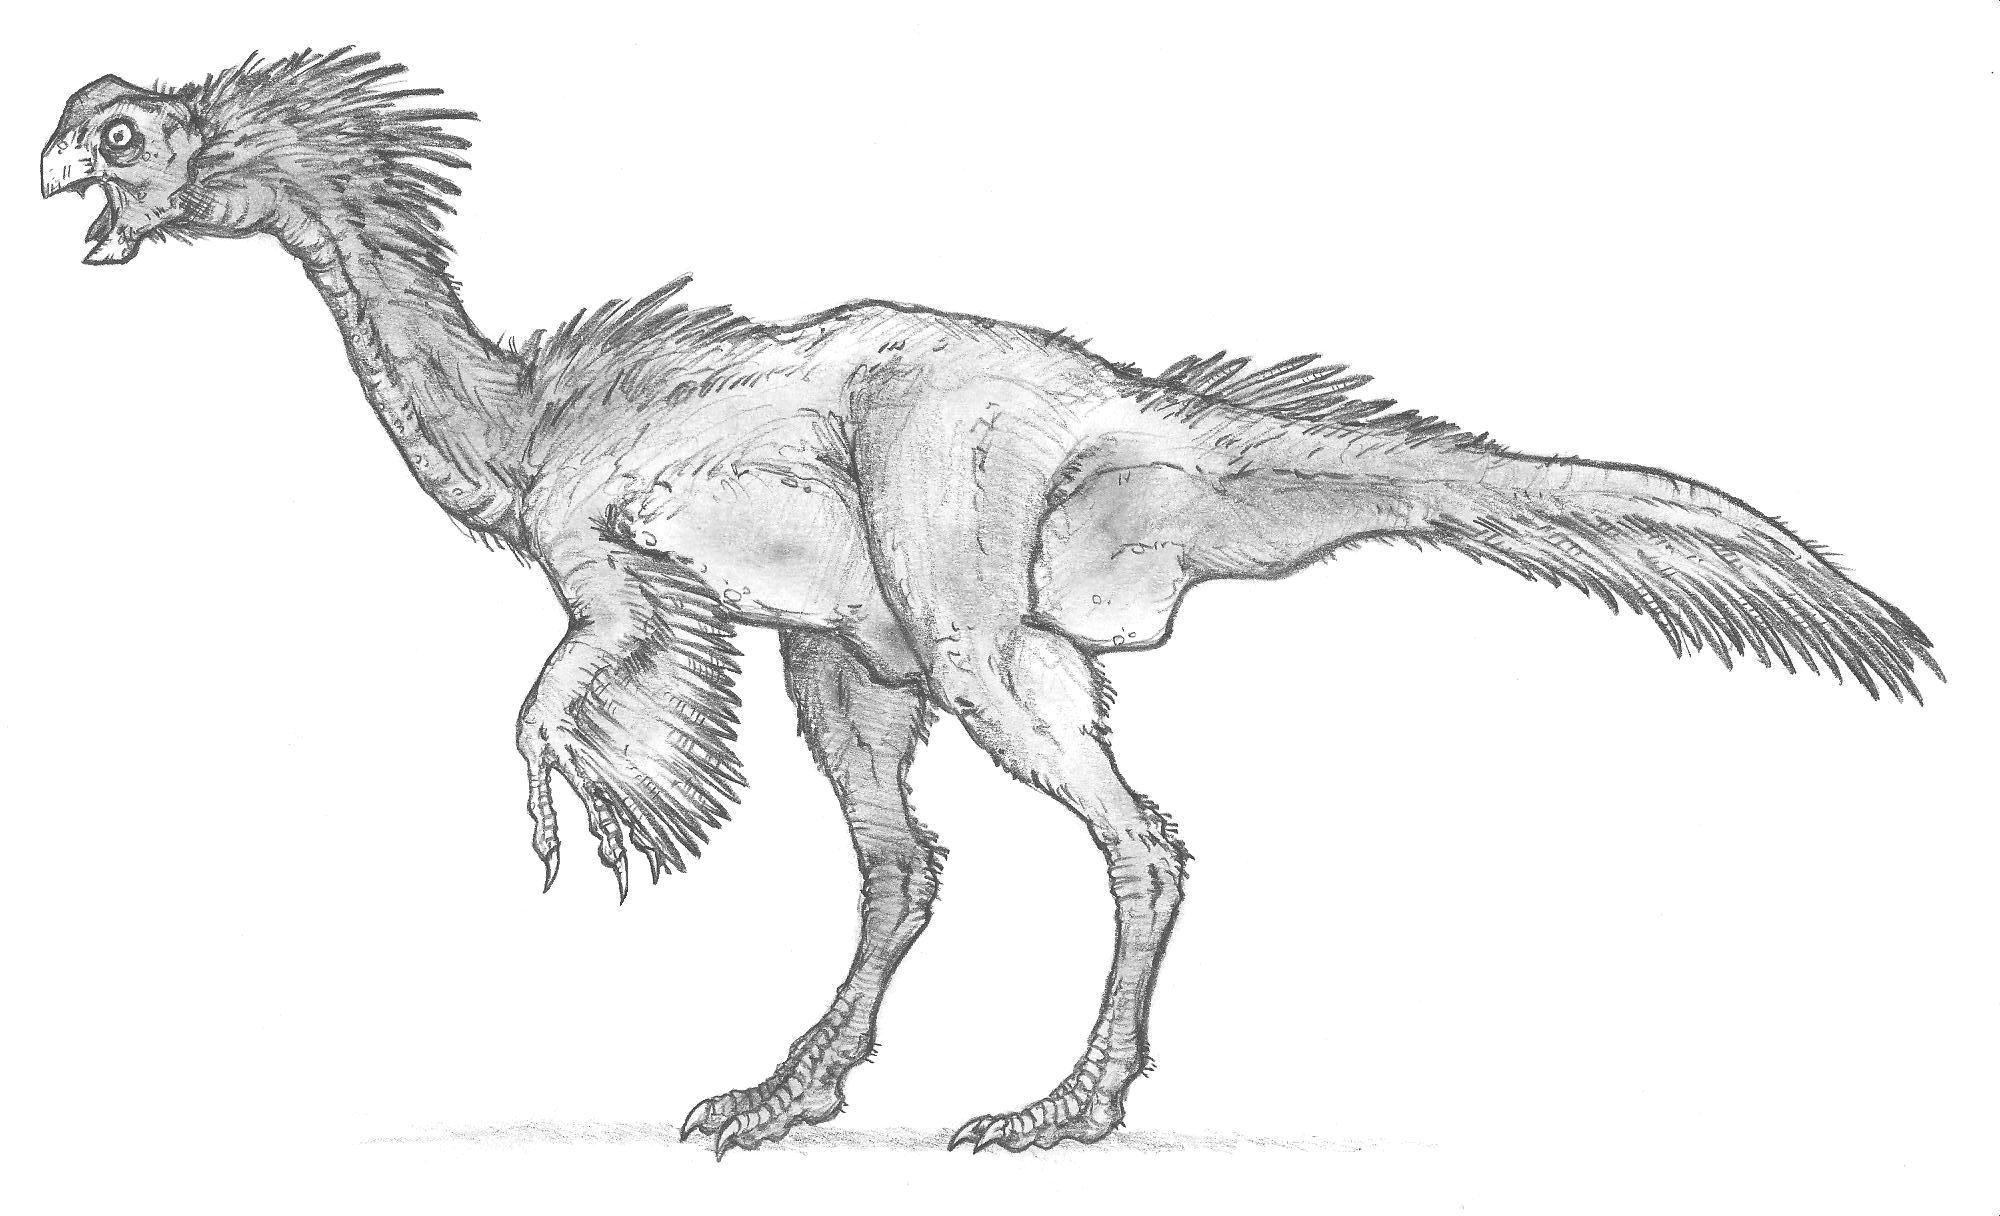 Oviraptoroid